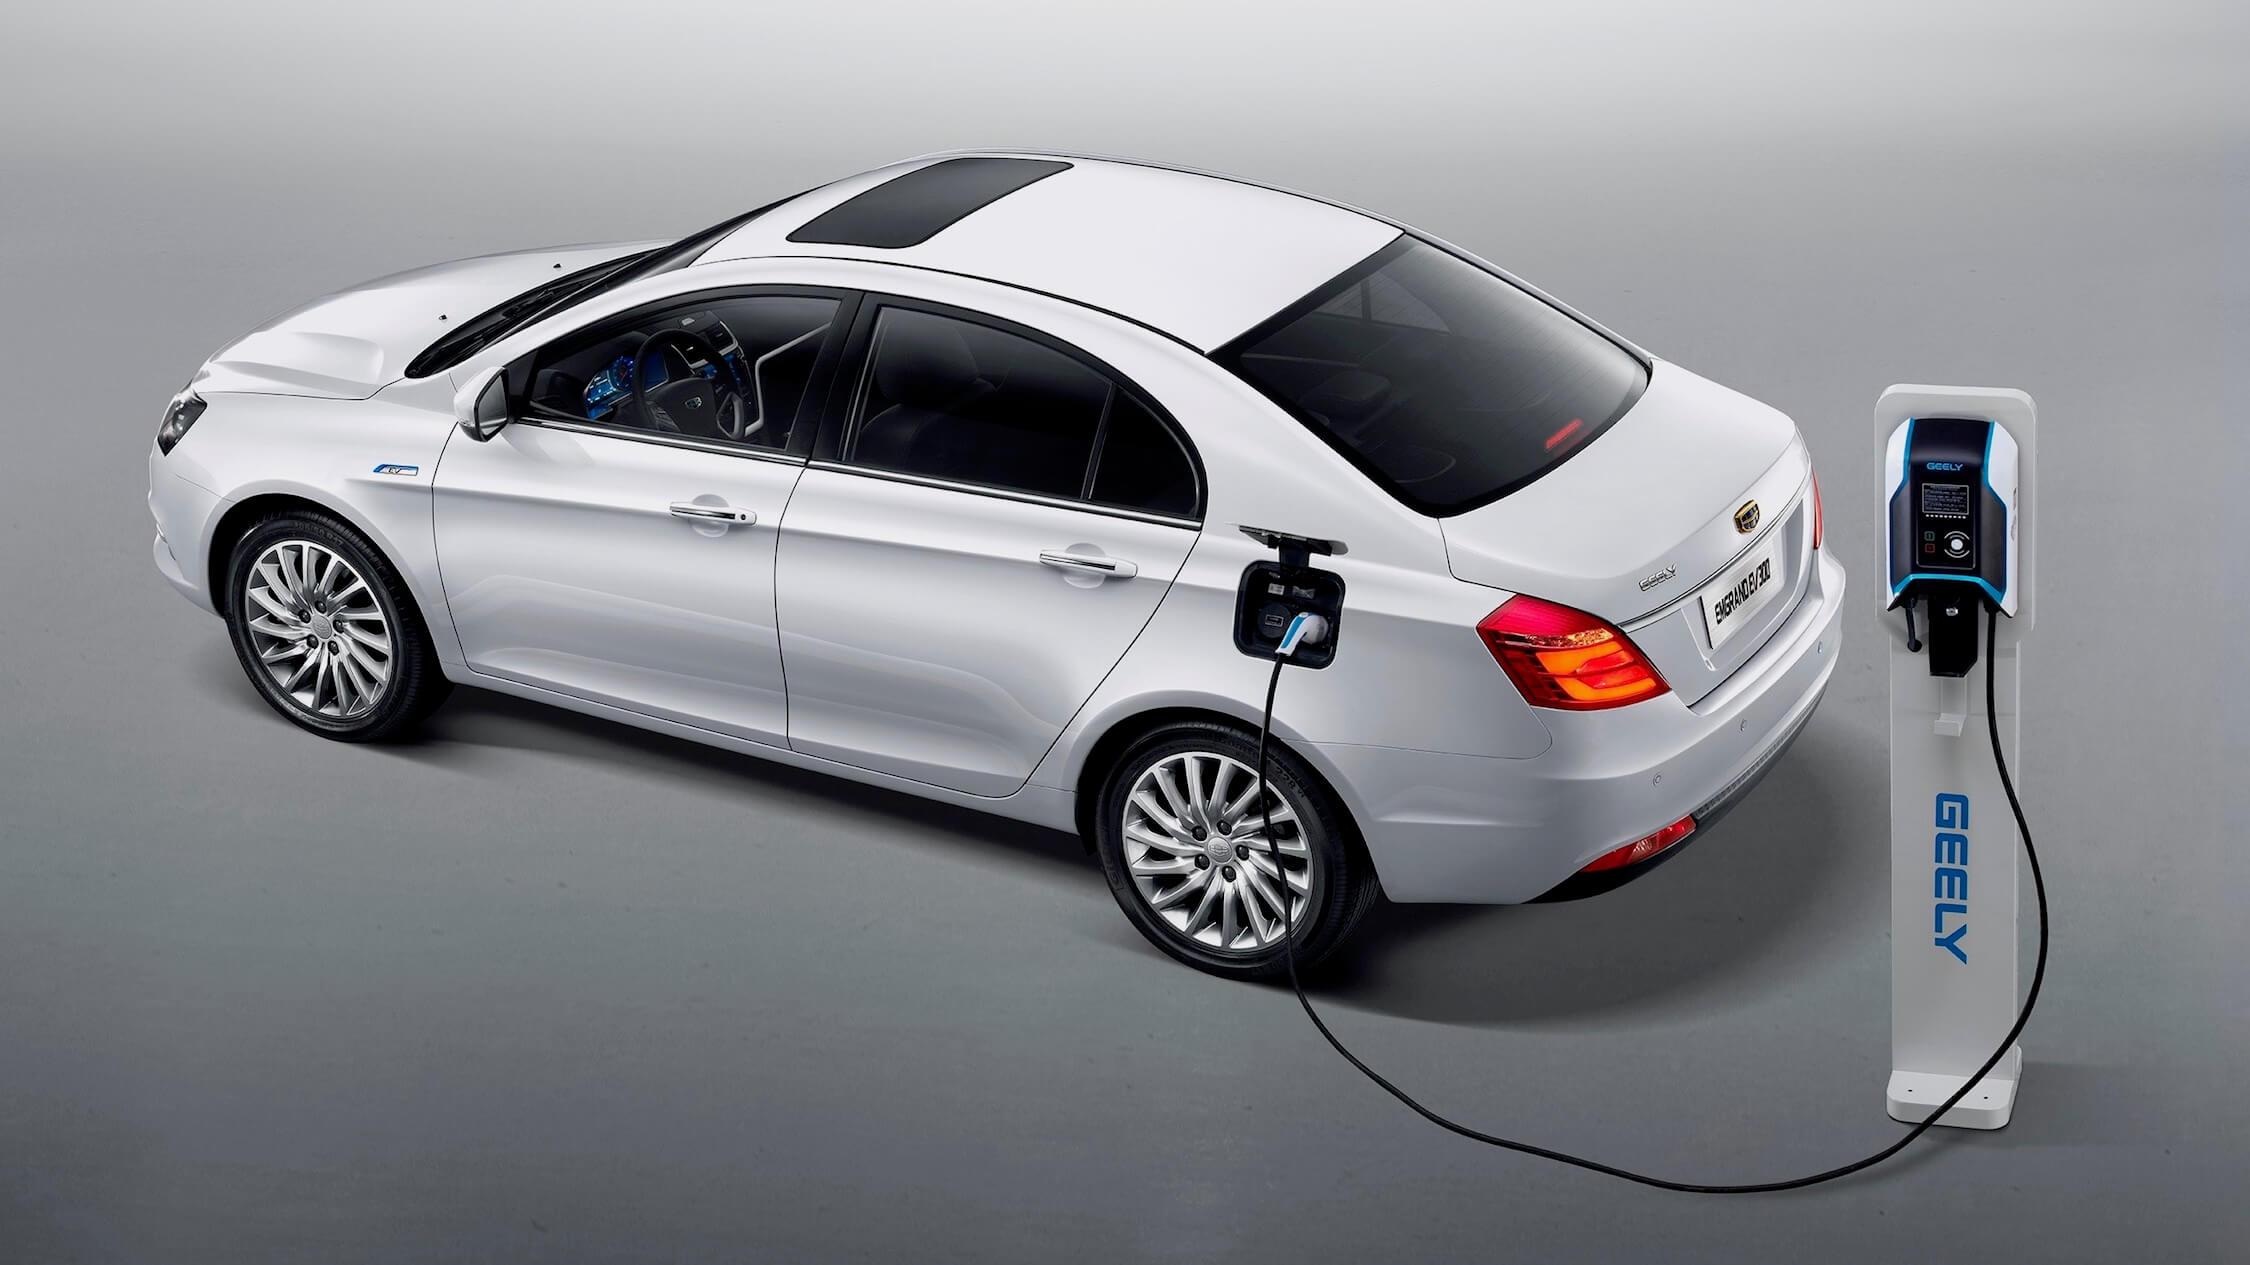 Geely Emgrand elektrische auto